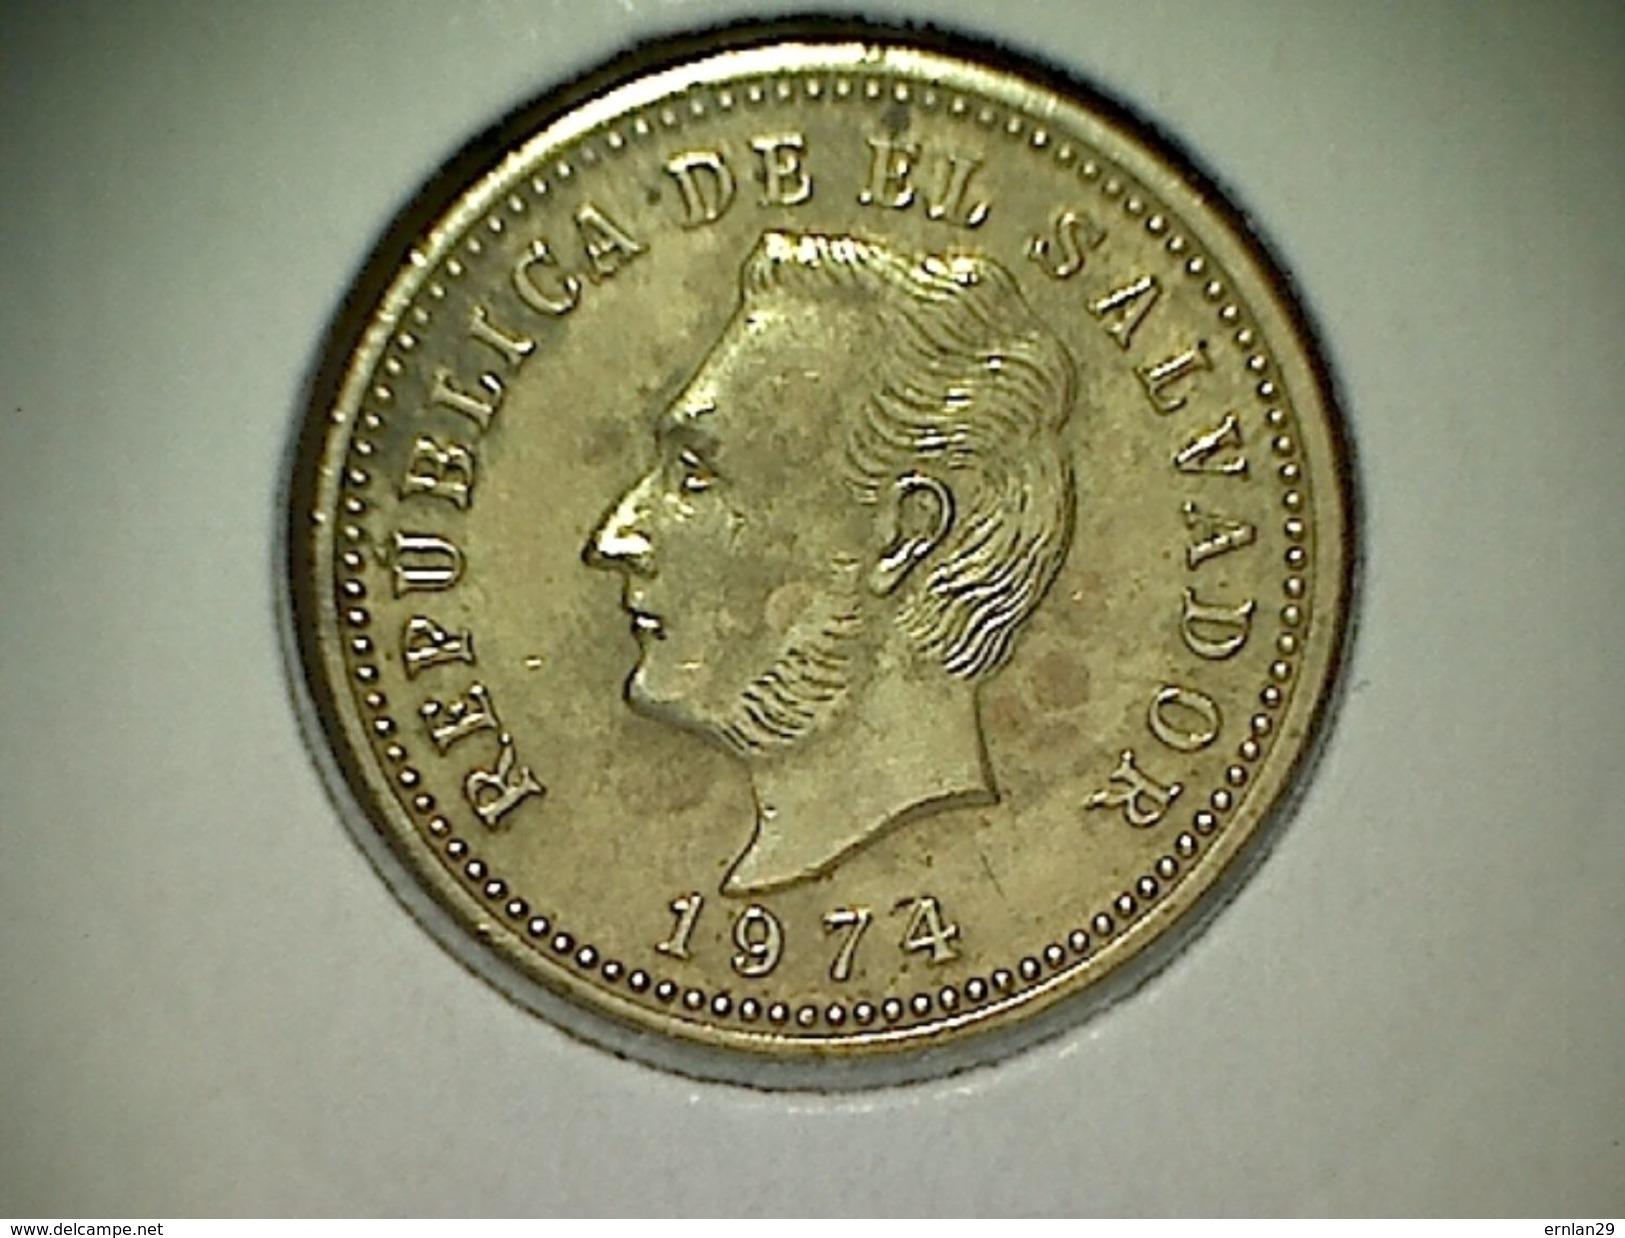 El Salvador 3 Centavos 1974 - Salvador